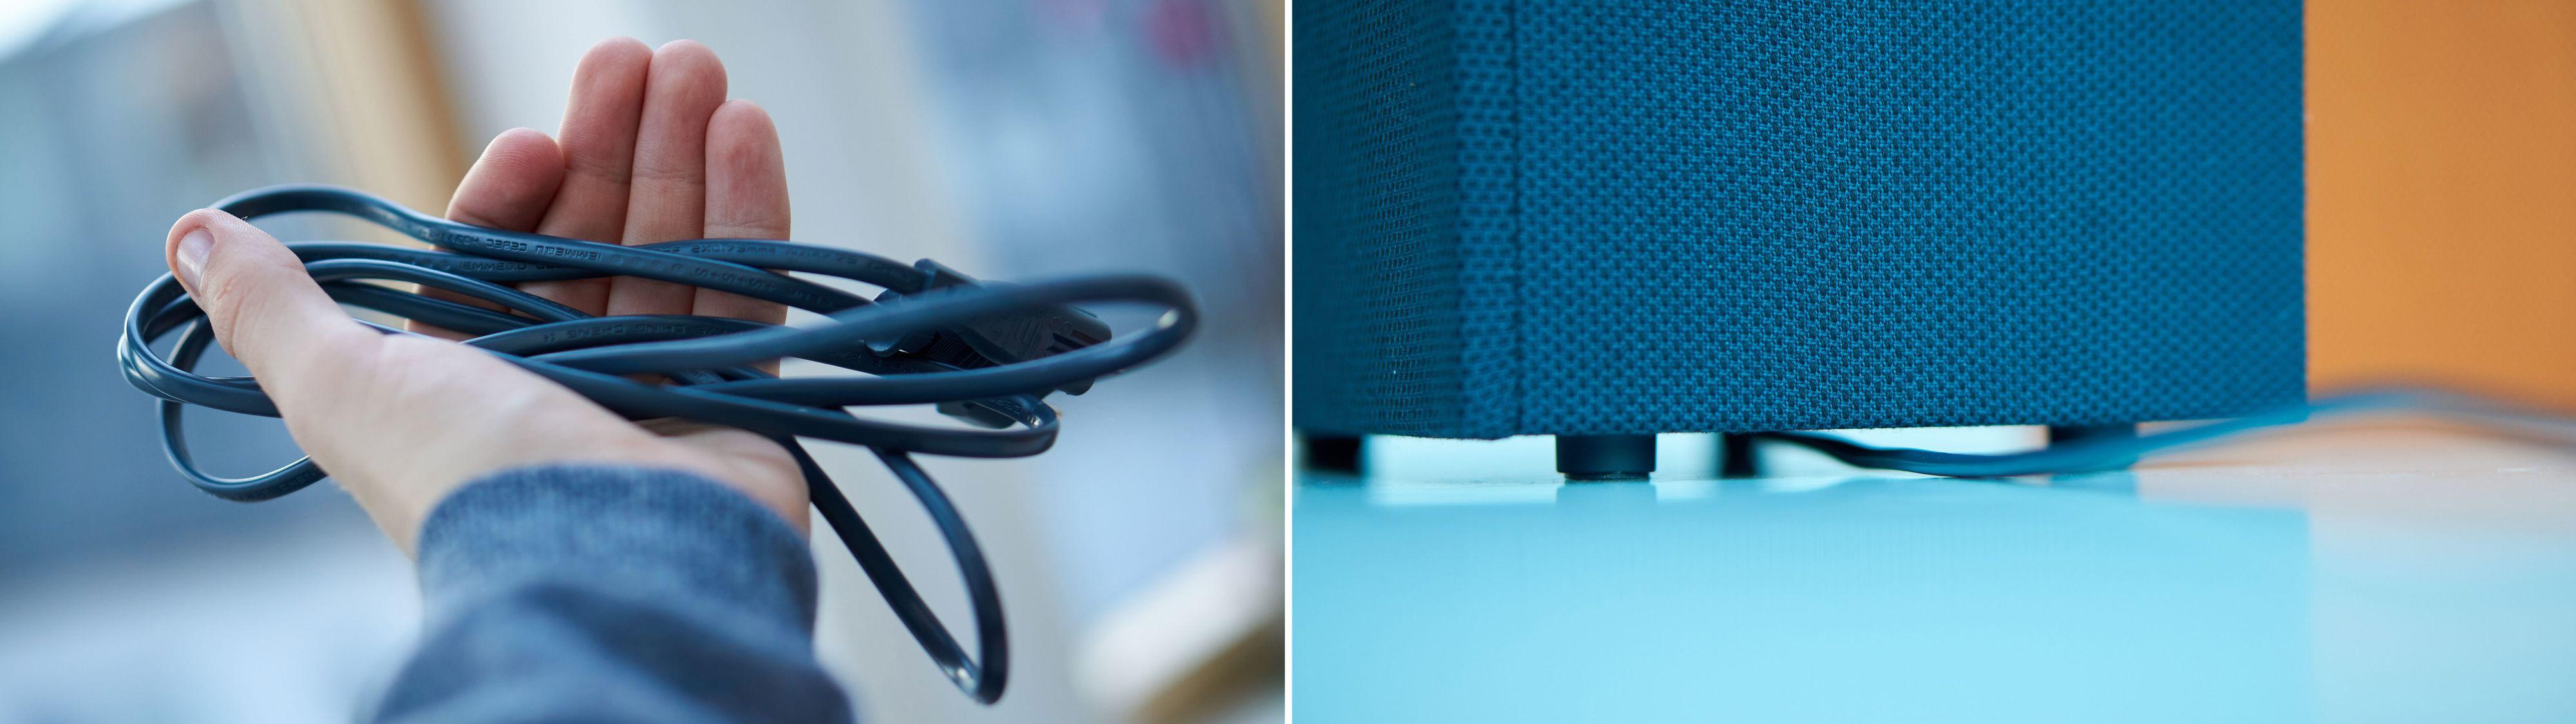 Kabelen rutes fint fra undersiden av høyttaleren, men er litt i korteste laget.